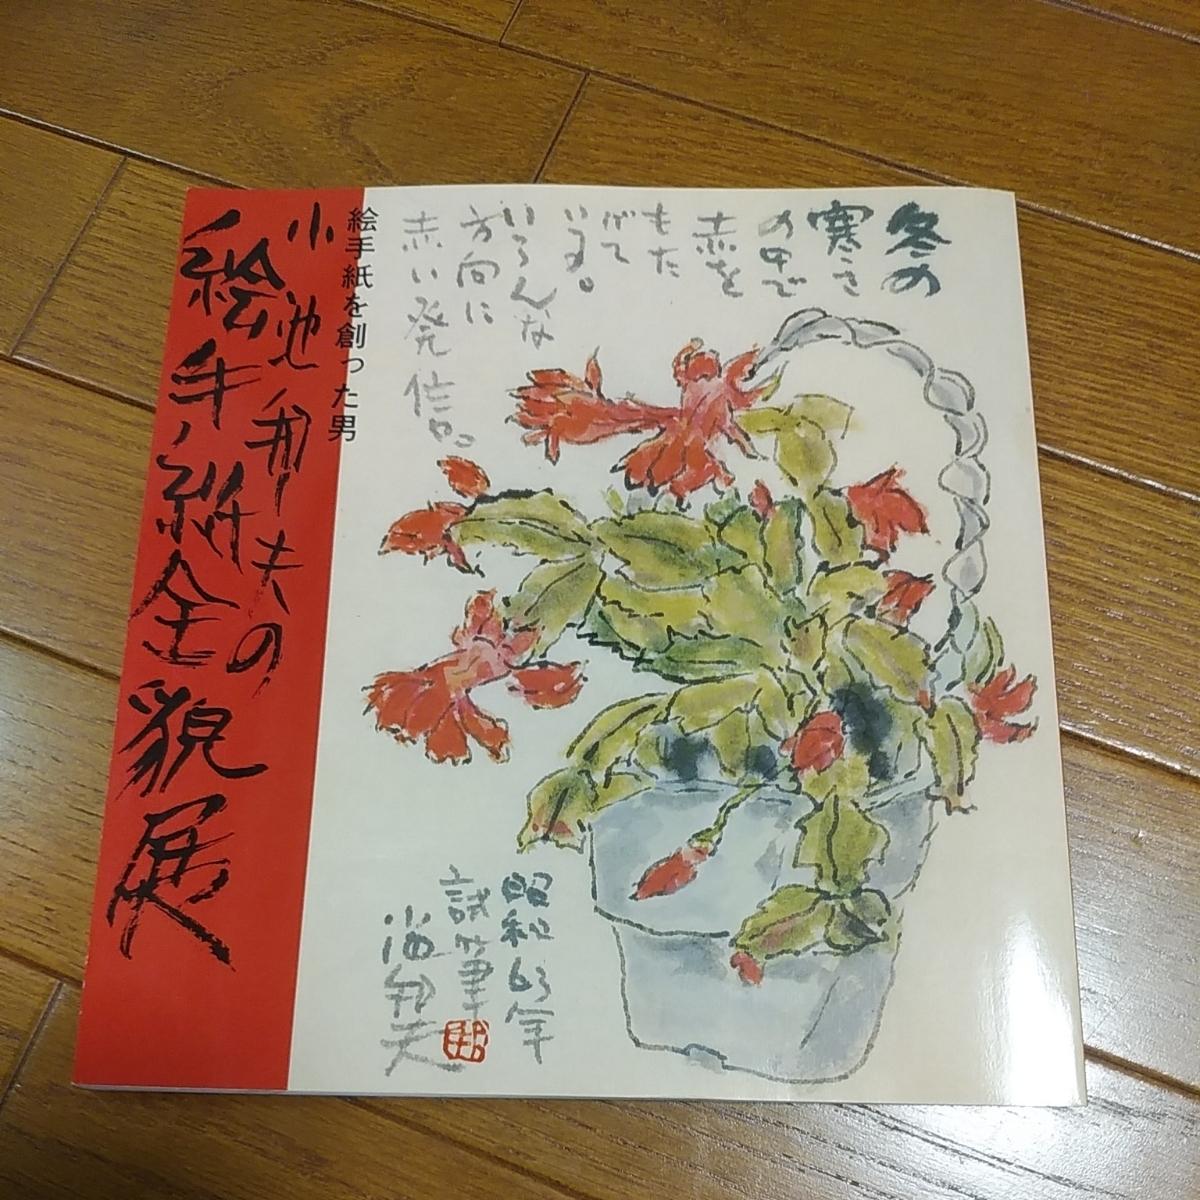 ◆小池邦夫の絵手紙展◆絵手紙を創った男◆_画像1